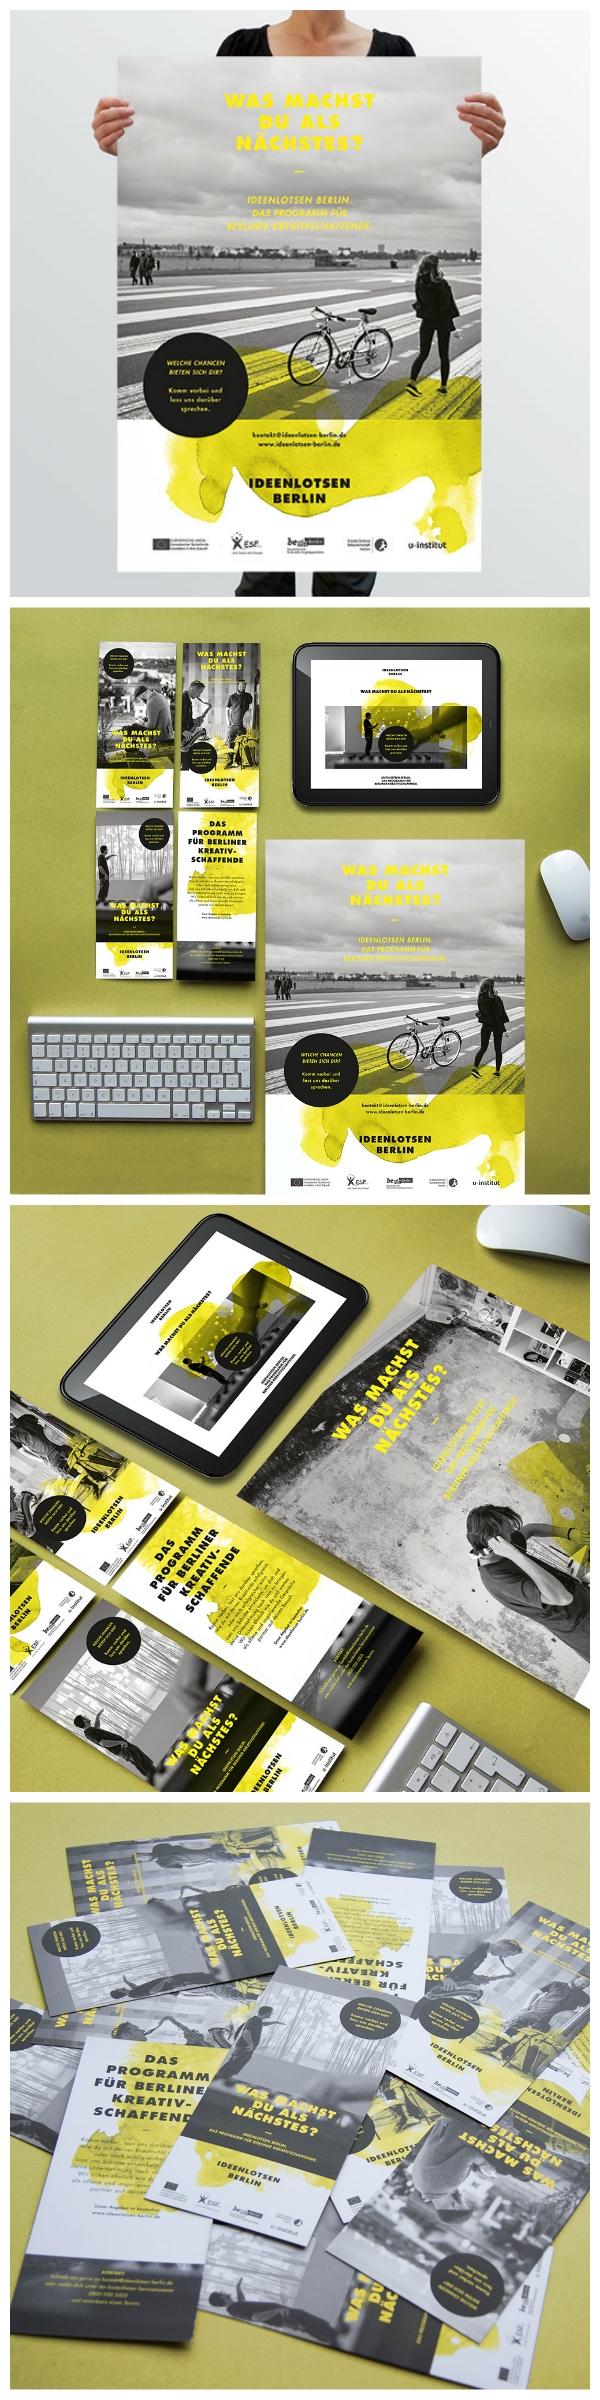 Ideenlotsen Berlin Corporate Design 2014 Projekte